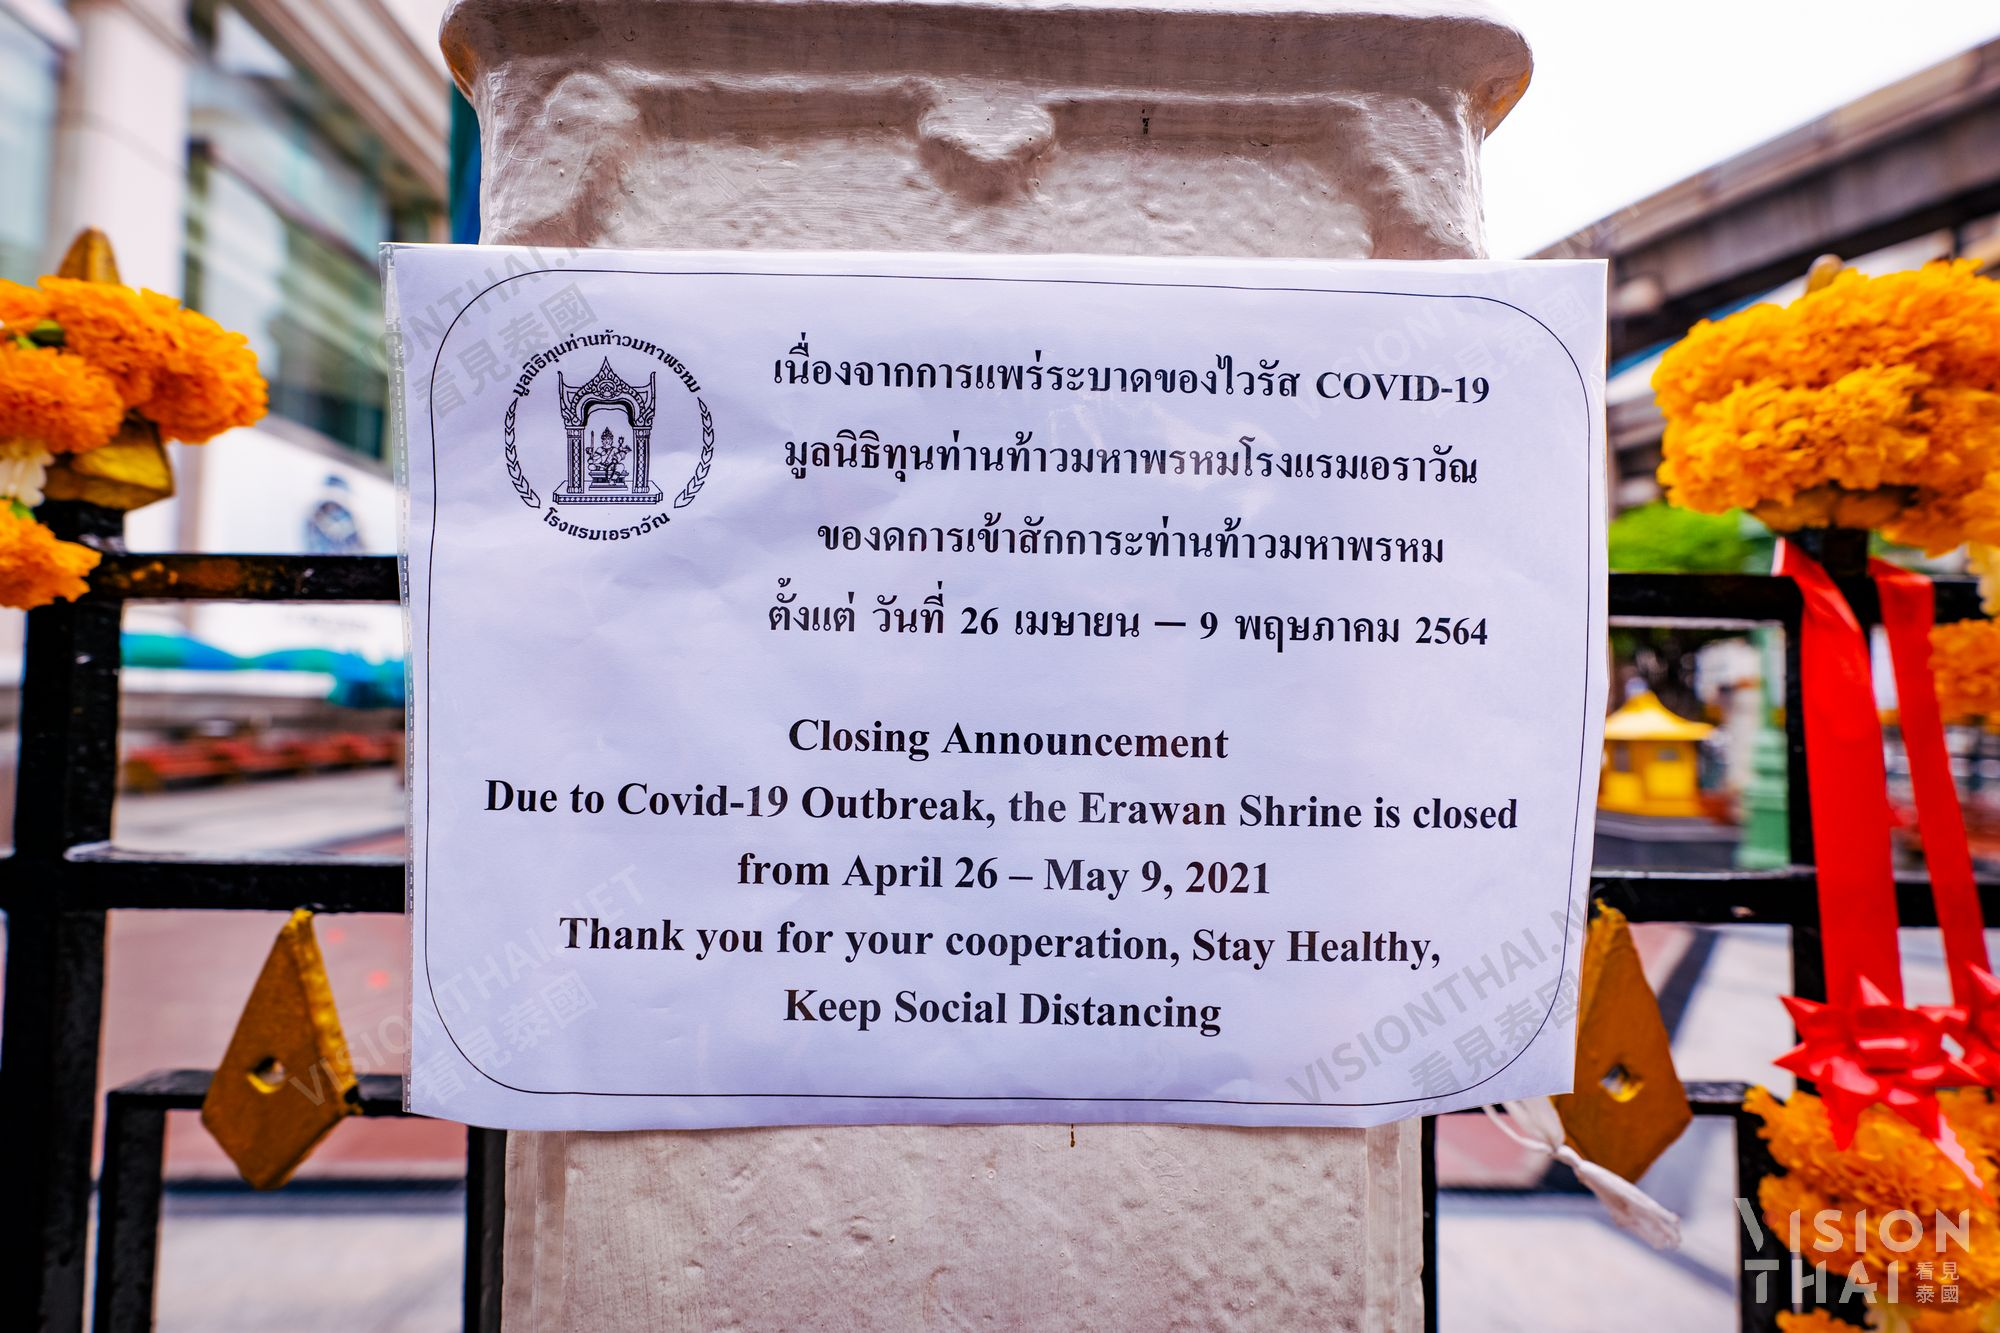 著名曼谷景點四面佛上週貼出公告,自4月26日起關閉至5月9日。(圖片來源:VISION THAI看見泰國)